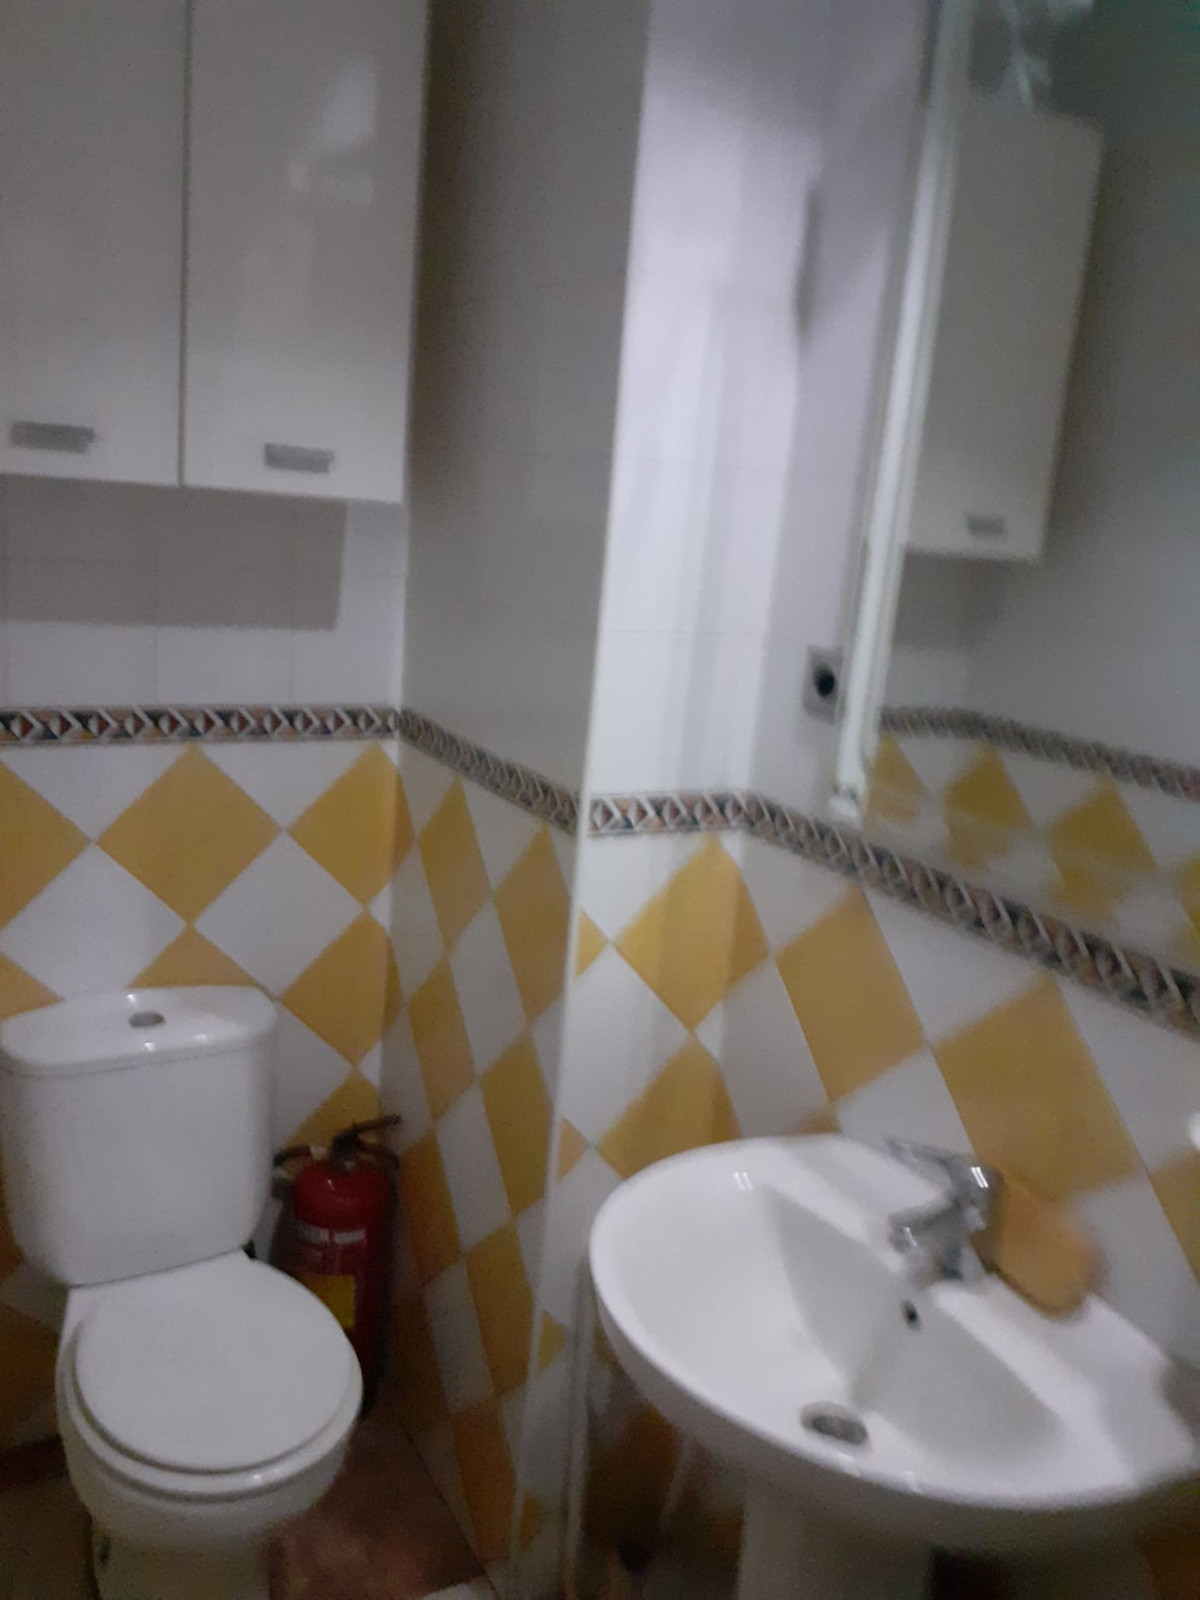 2 Bedrooms - 0 Bathrooms